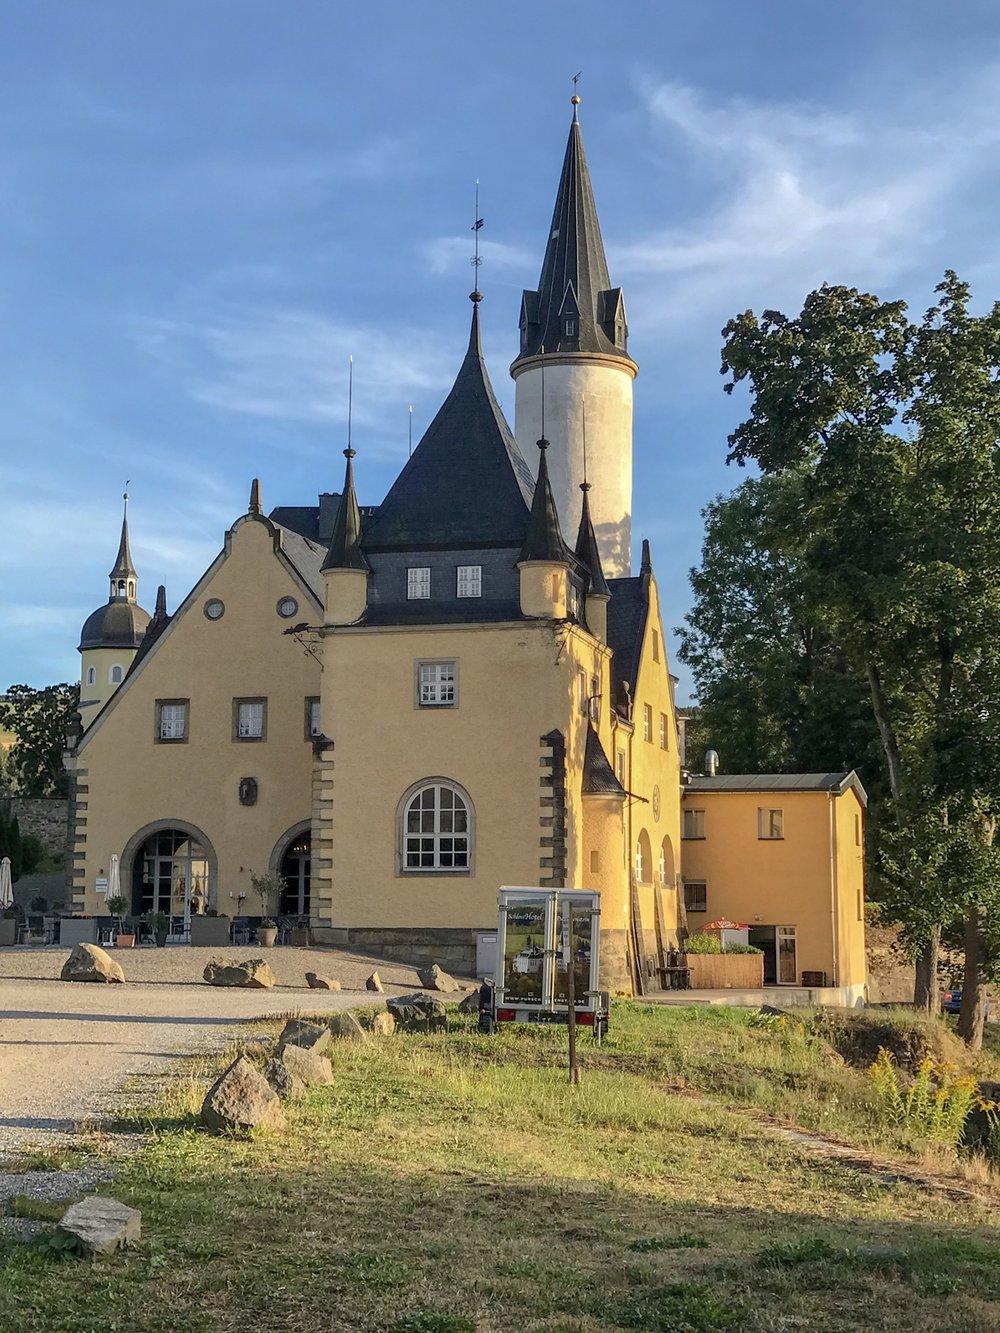 Purschenstein Castle, Germany